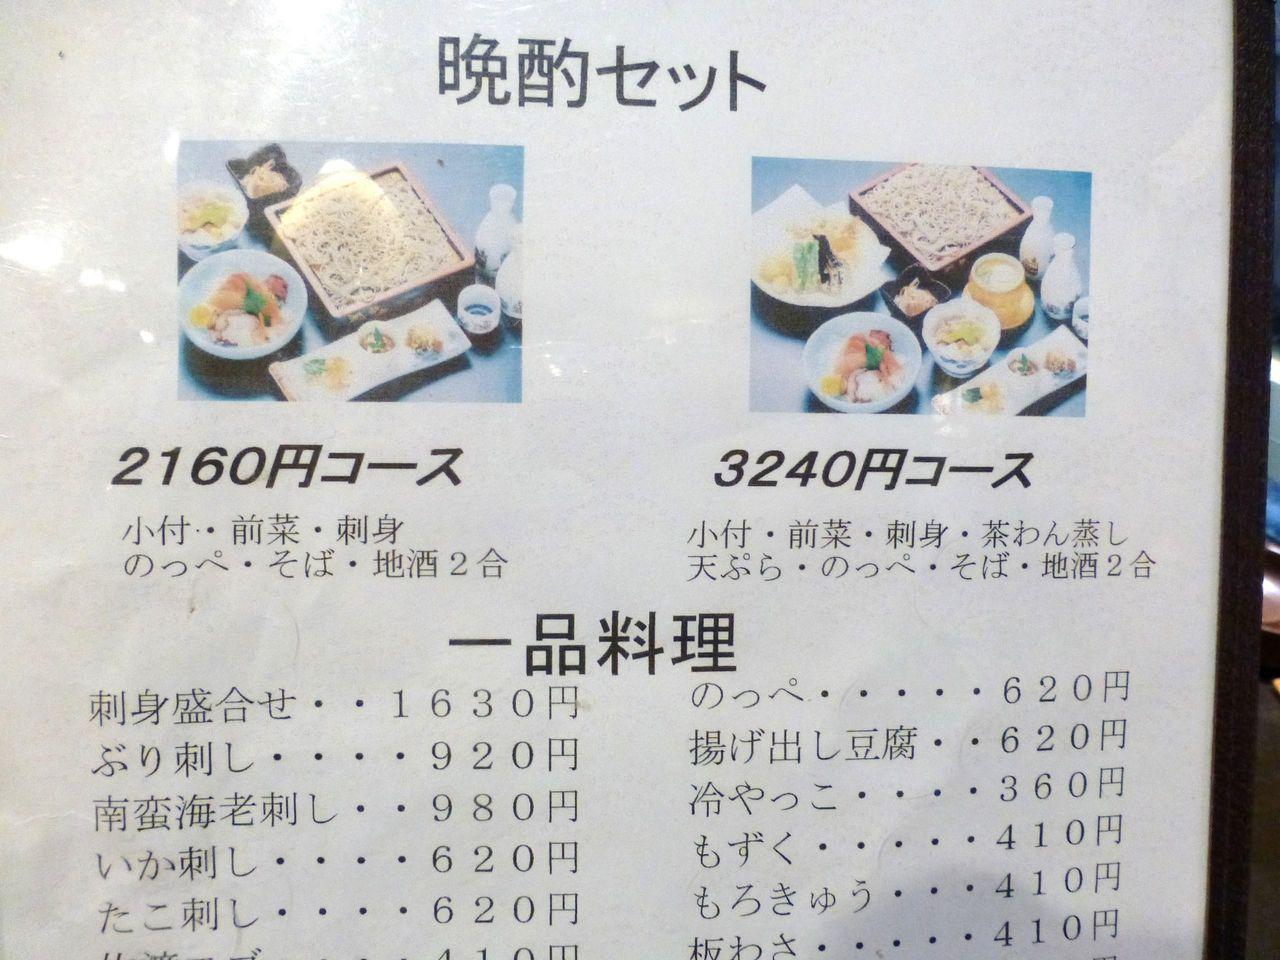 須坂屋そばのメニュー(26年12月現在)